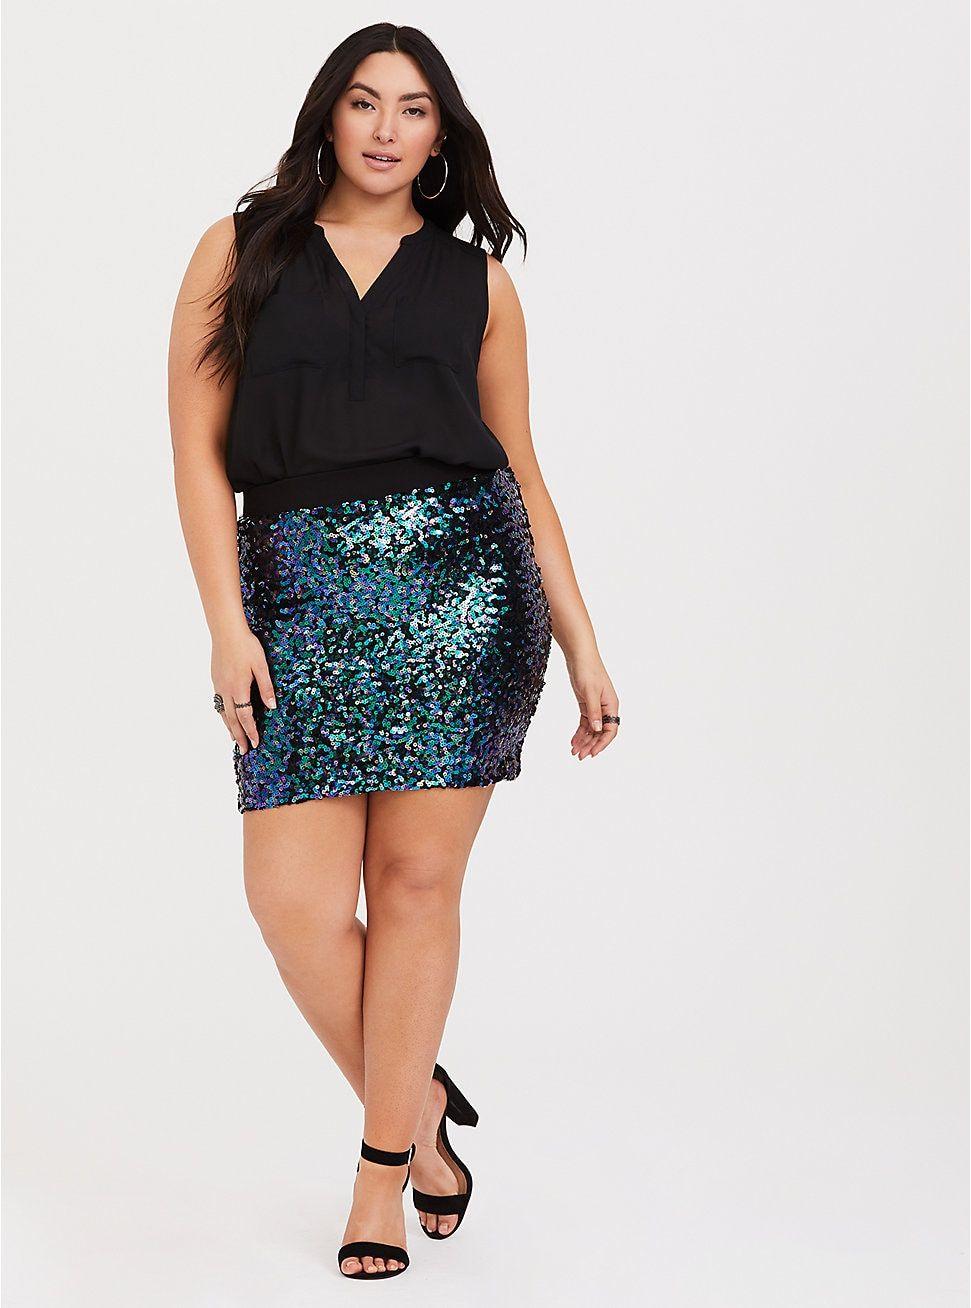 942b33adf9b8e1 Multi Sequin Mini Skirt, Sequin Mini Skirts, Plus Size Girls, Plus Size  Women